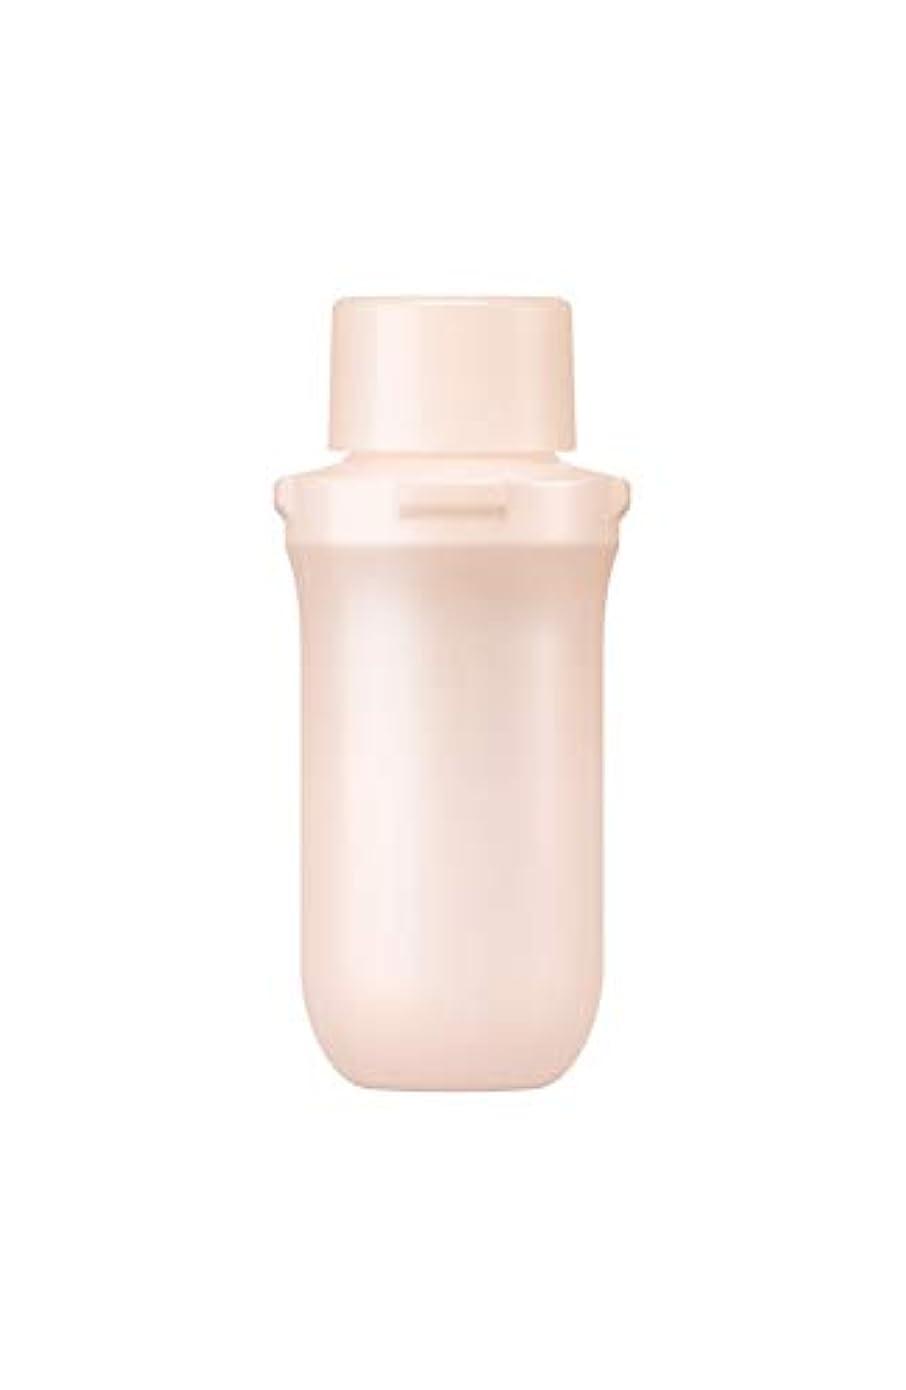 配列虐待密度DEW モイストリフトエッセンス レフィル 45g 美容液